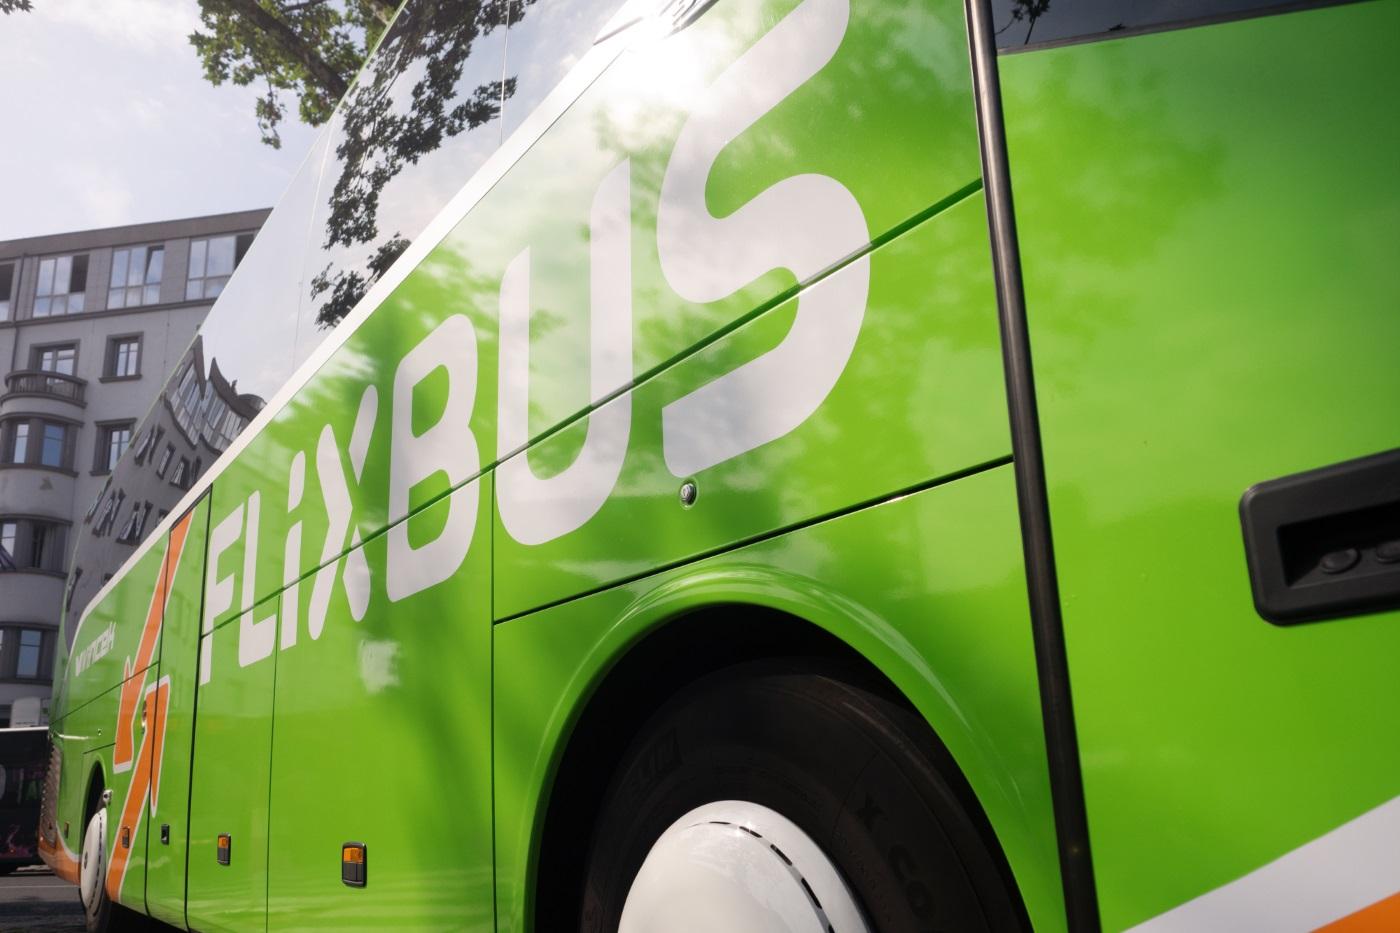 Flixbus rozwija się w Krakowie. Fajne nowości!